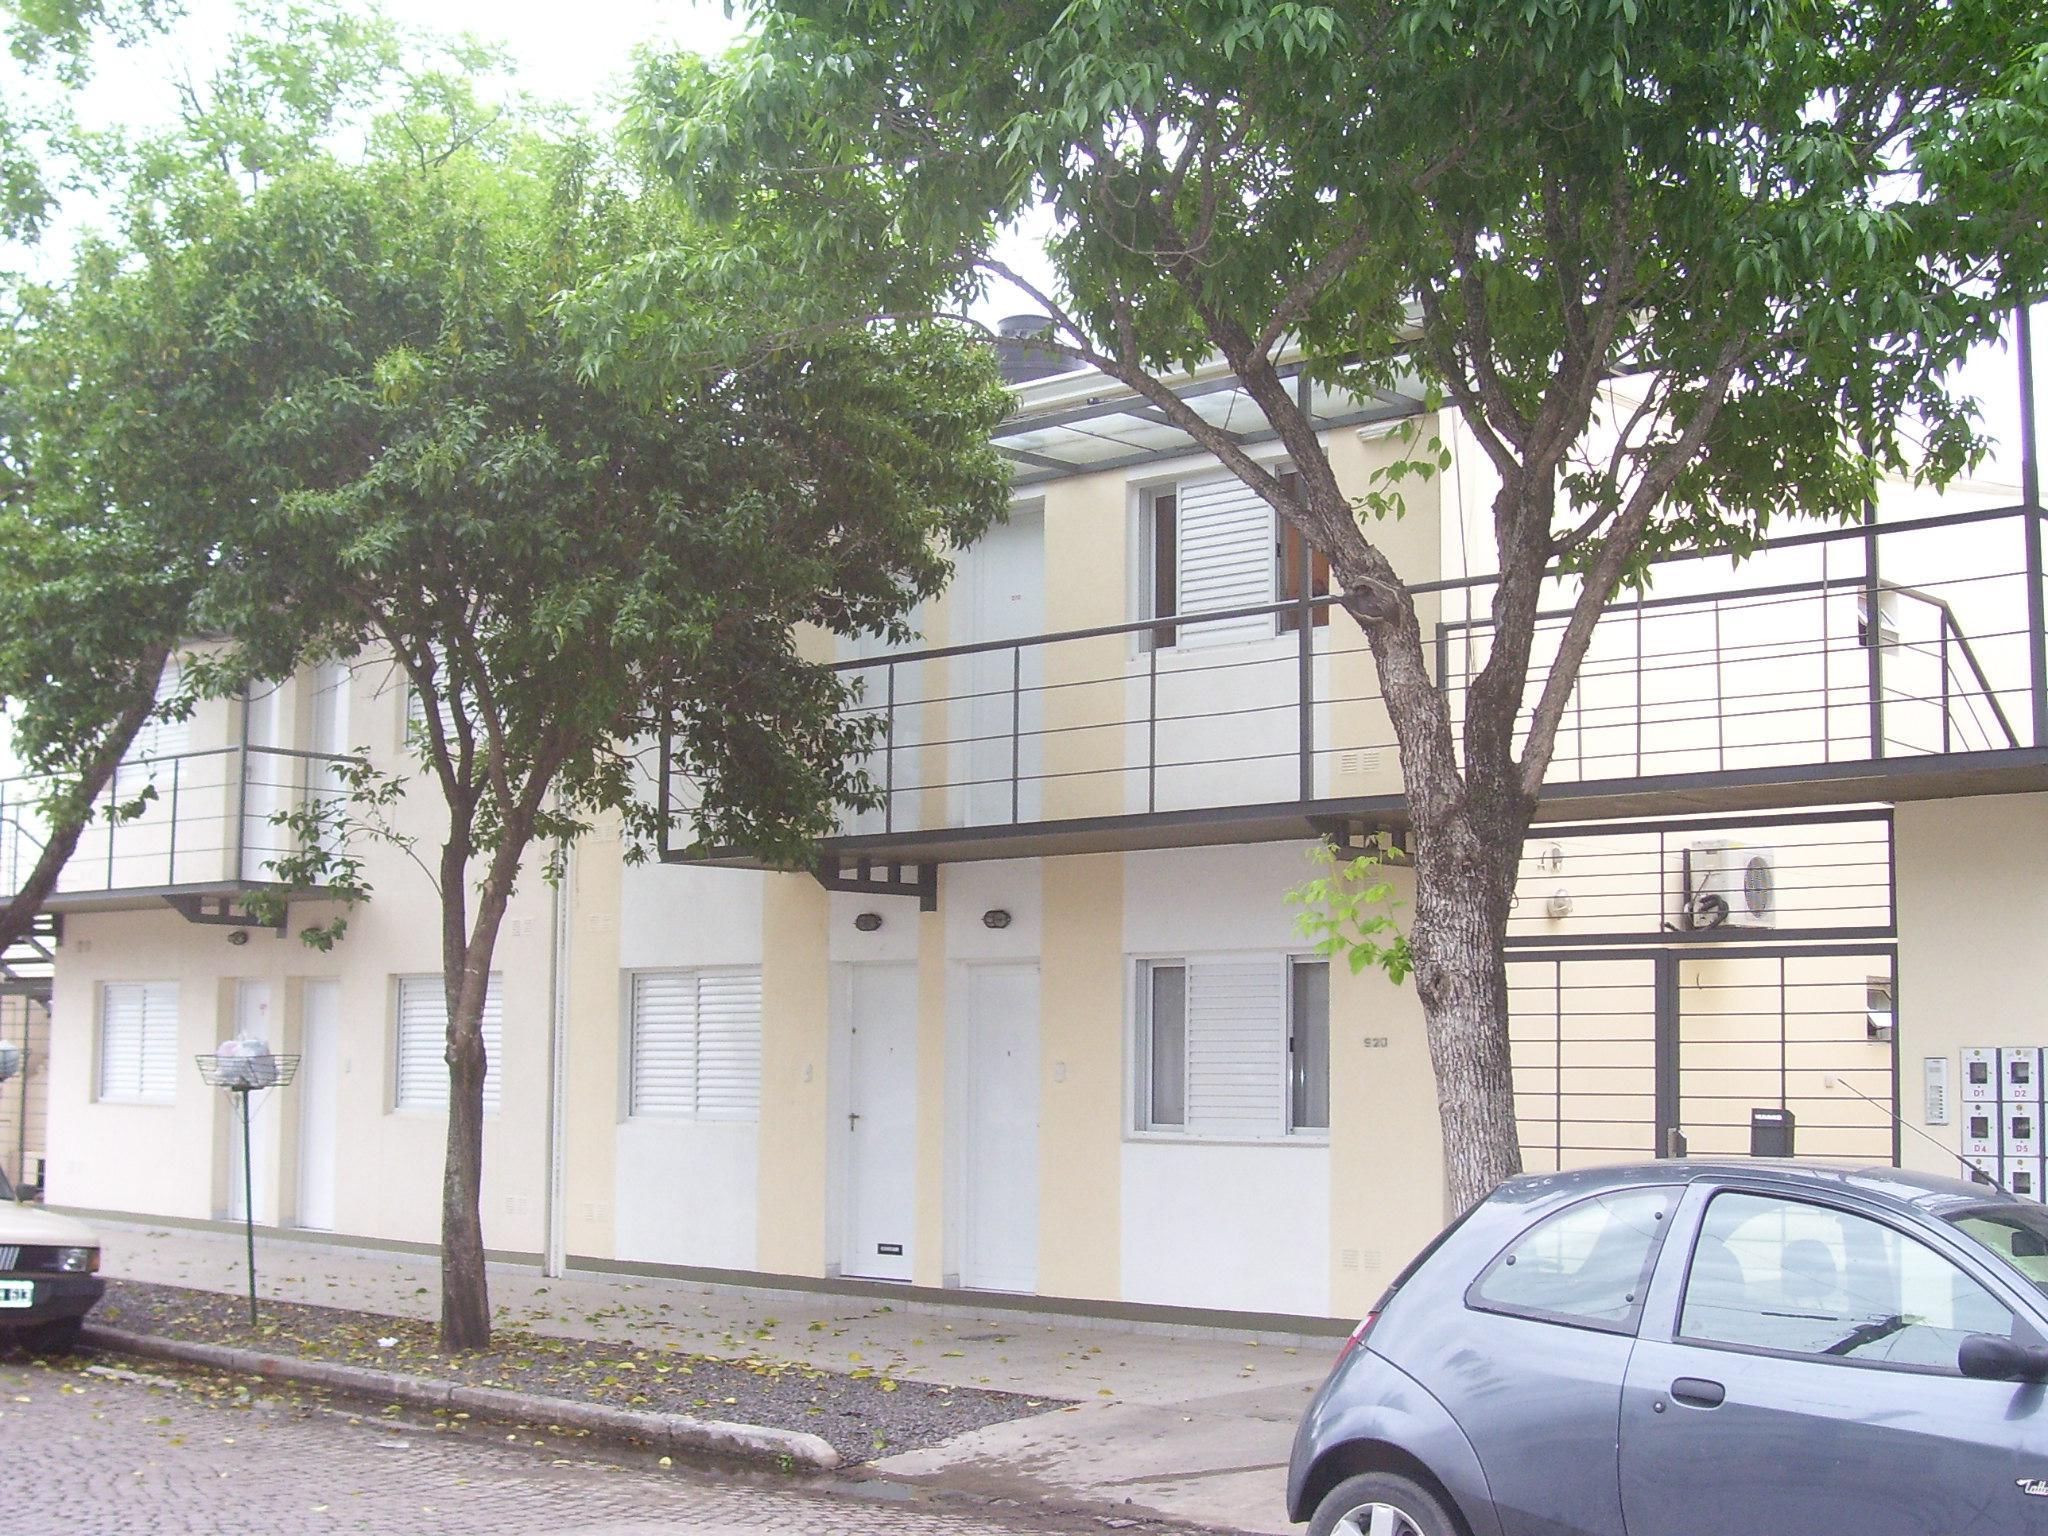 Rivadavia al 500 - Gaggiotti Inmobiliaria cuenta con más de 50 años desde que se inicio en el negocio de los servicios inmobiliarios.